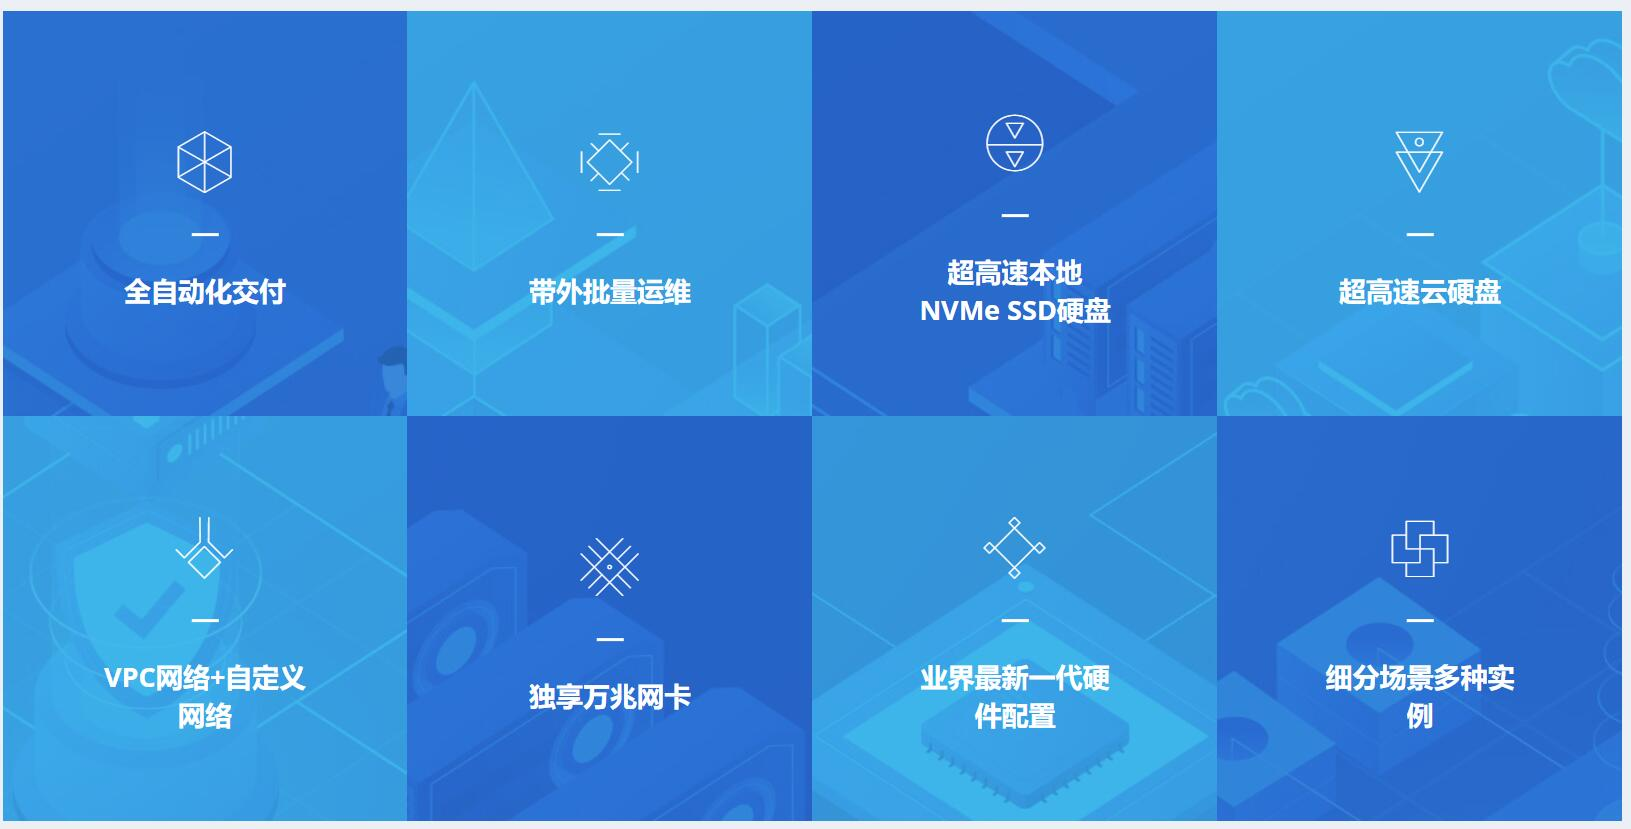 天下数据香港裸金属物理服务器云,正式上线热卖!